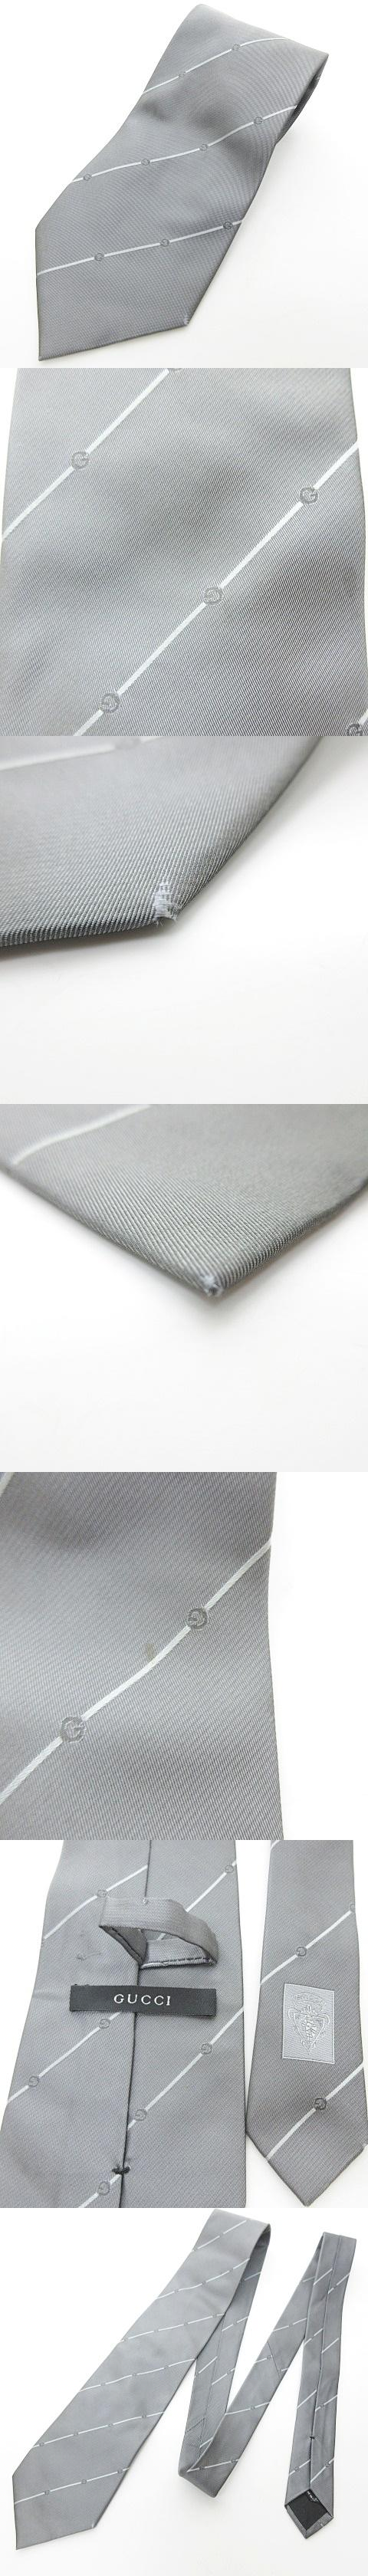 ネクタイ レジメンタルストライプ ロゴ ビジネス シルク グレー 灰 0607 IBS22